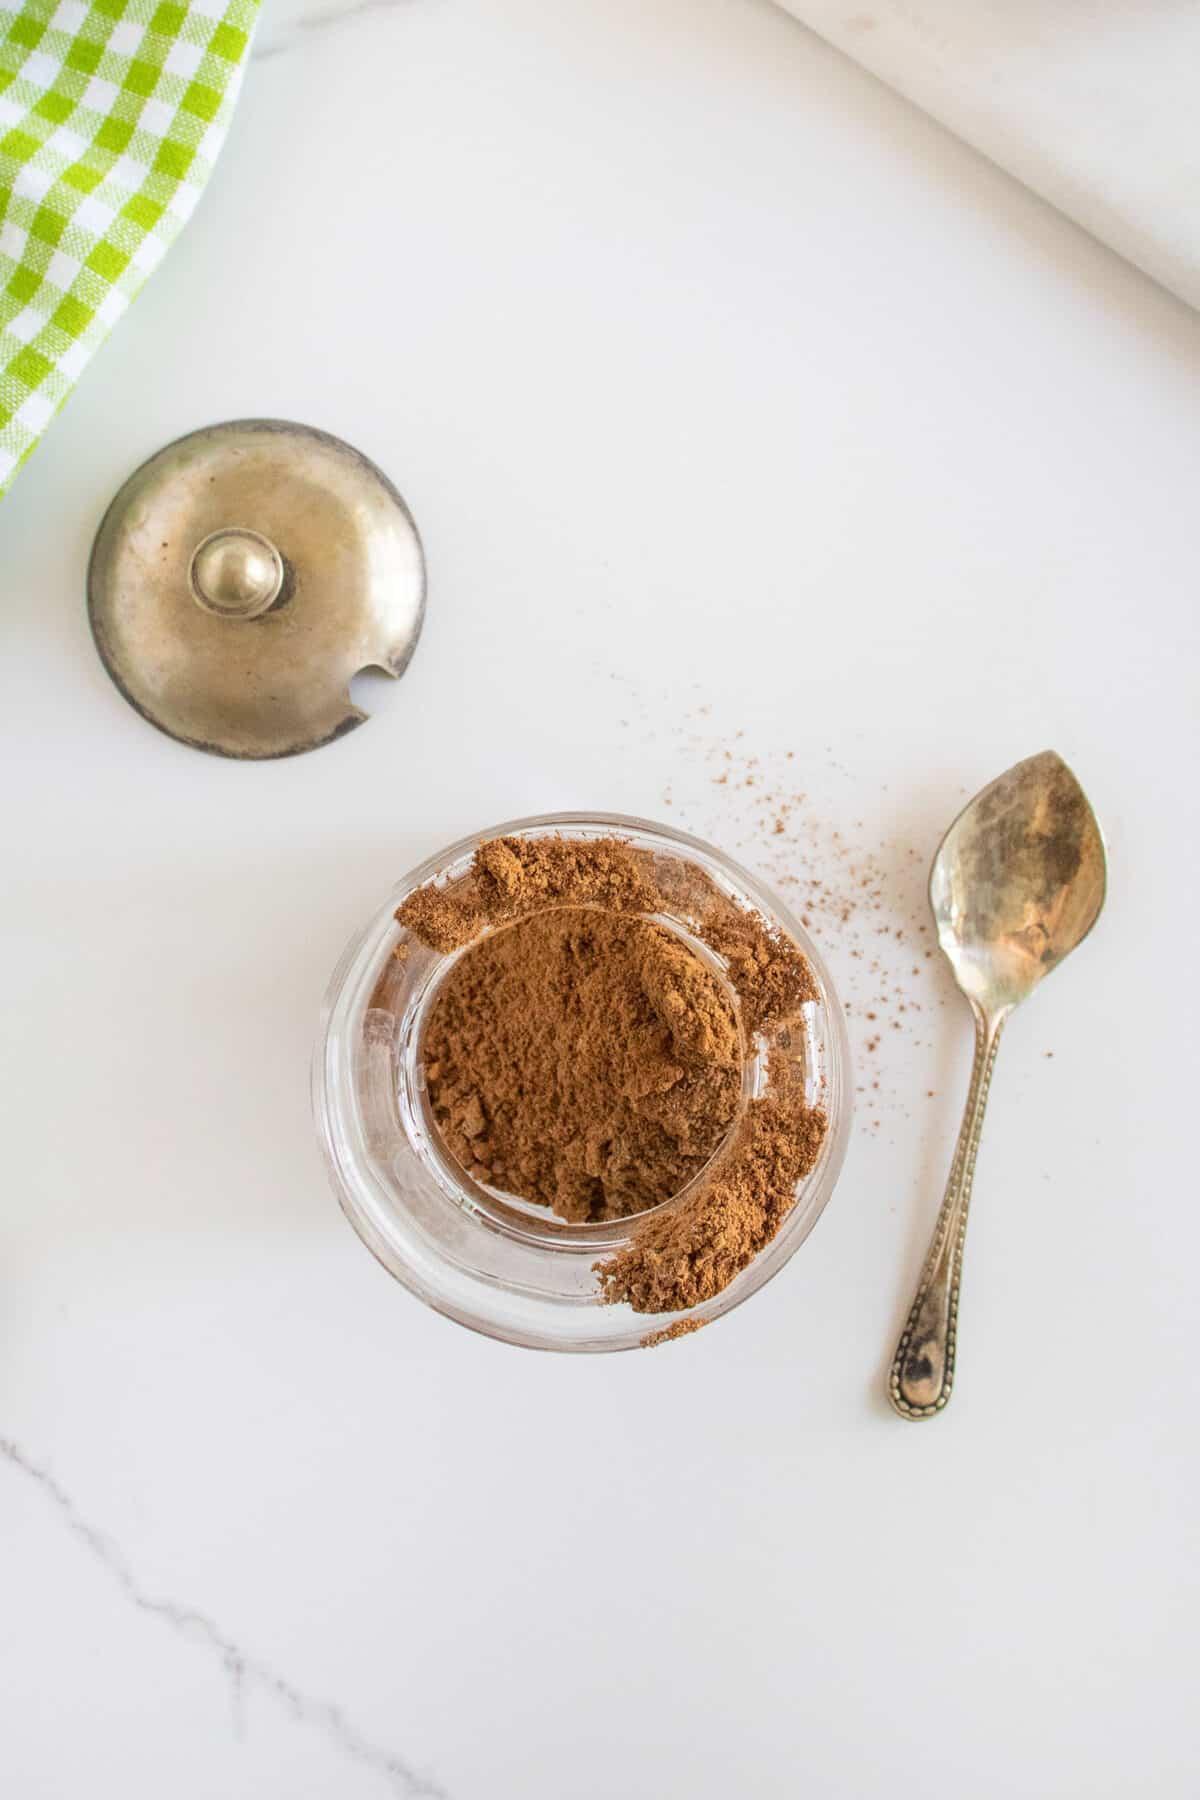 adding apple pie spice to a glass jar